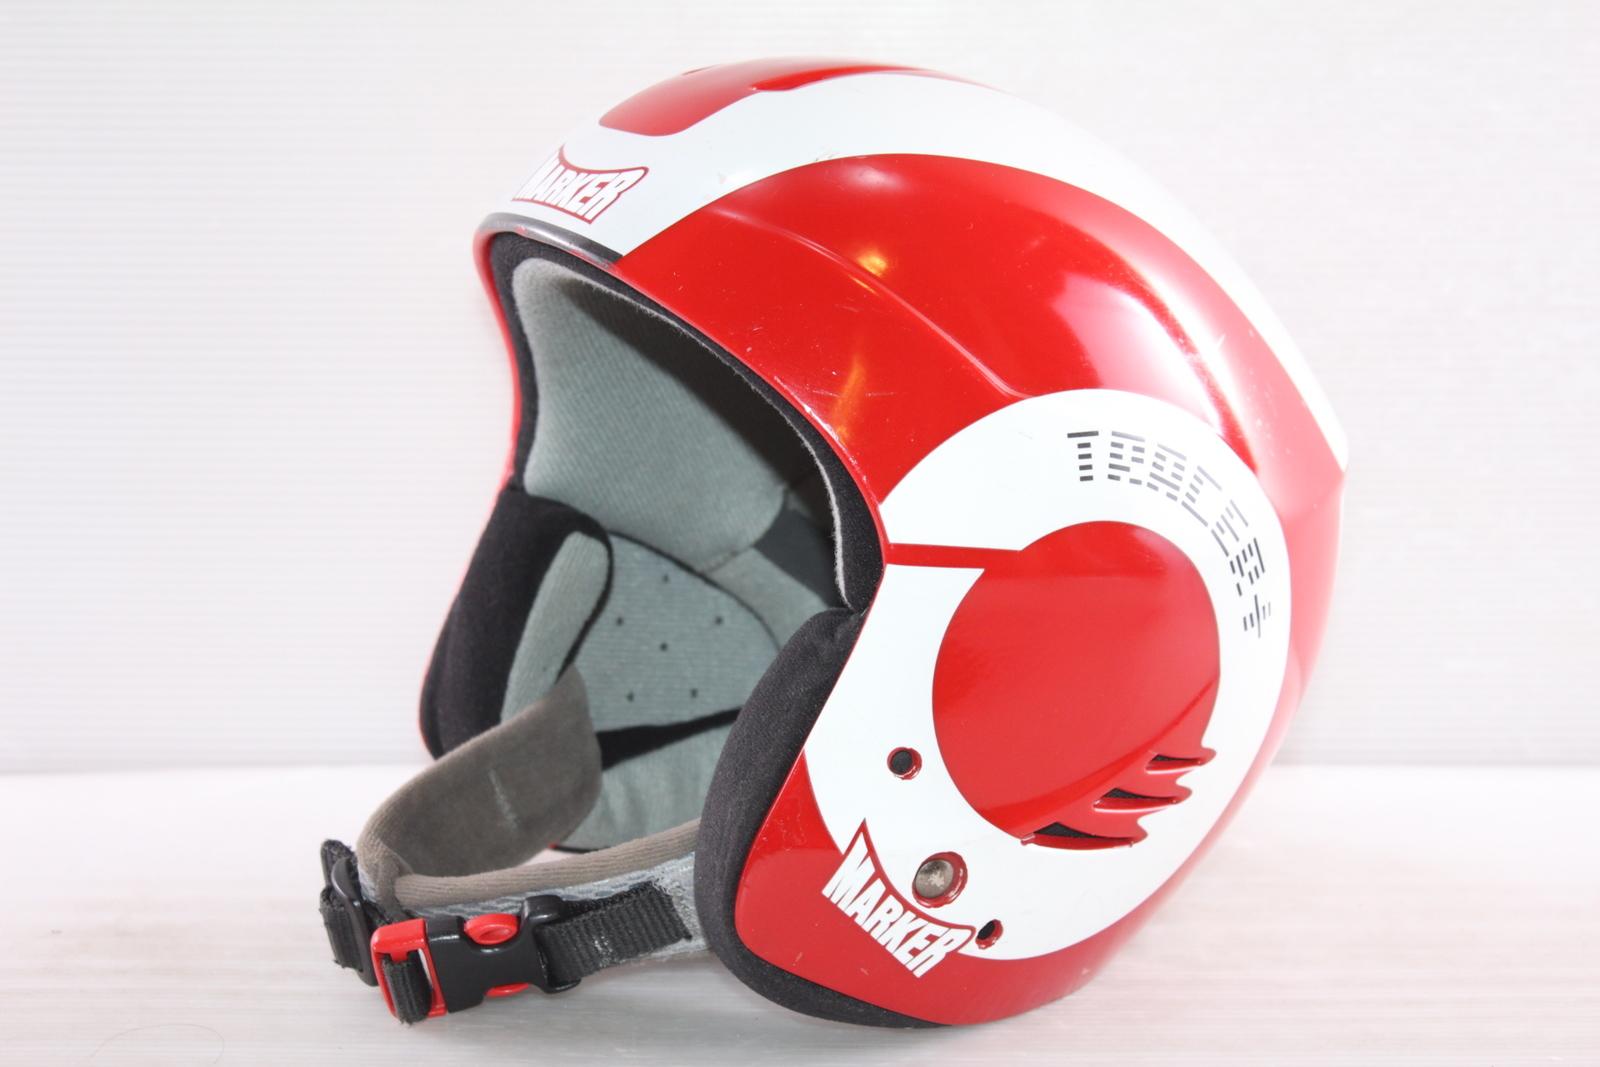 Dětská lyžařská helma Marker Tracer plus - posuvná vel. 52 - 54